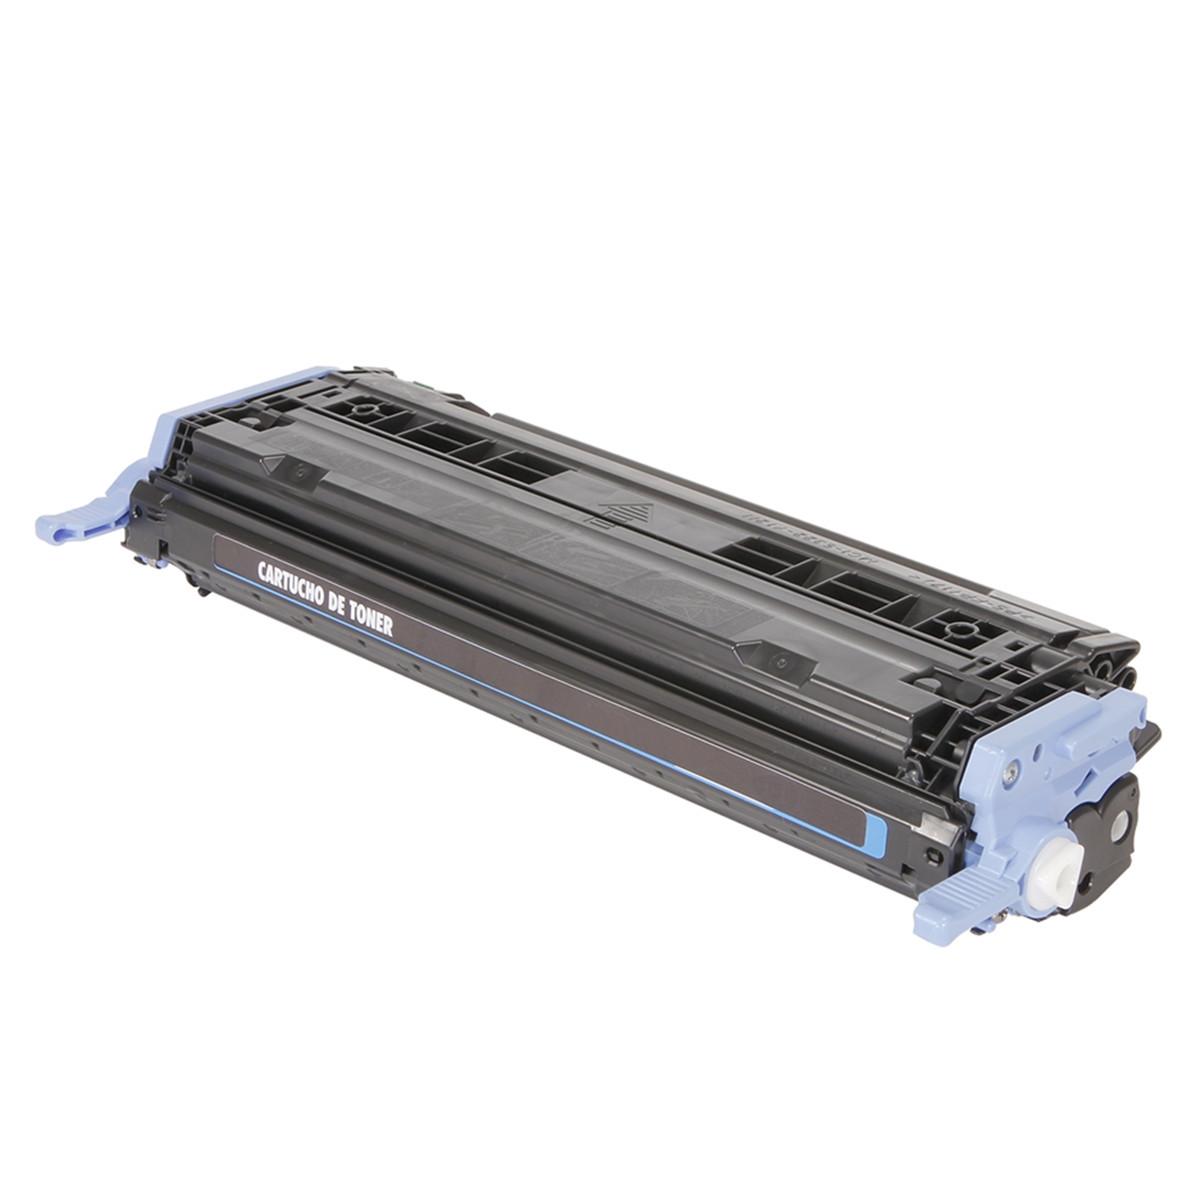 Toner Compatível com HP Q6002A Q6002AB 124A Amarelo | 2605DN 2600 2600N 2600DTN | Importado 2k